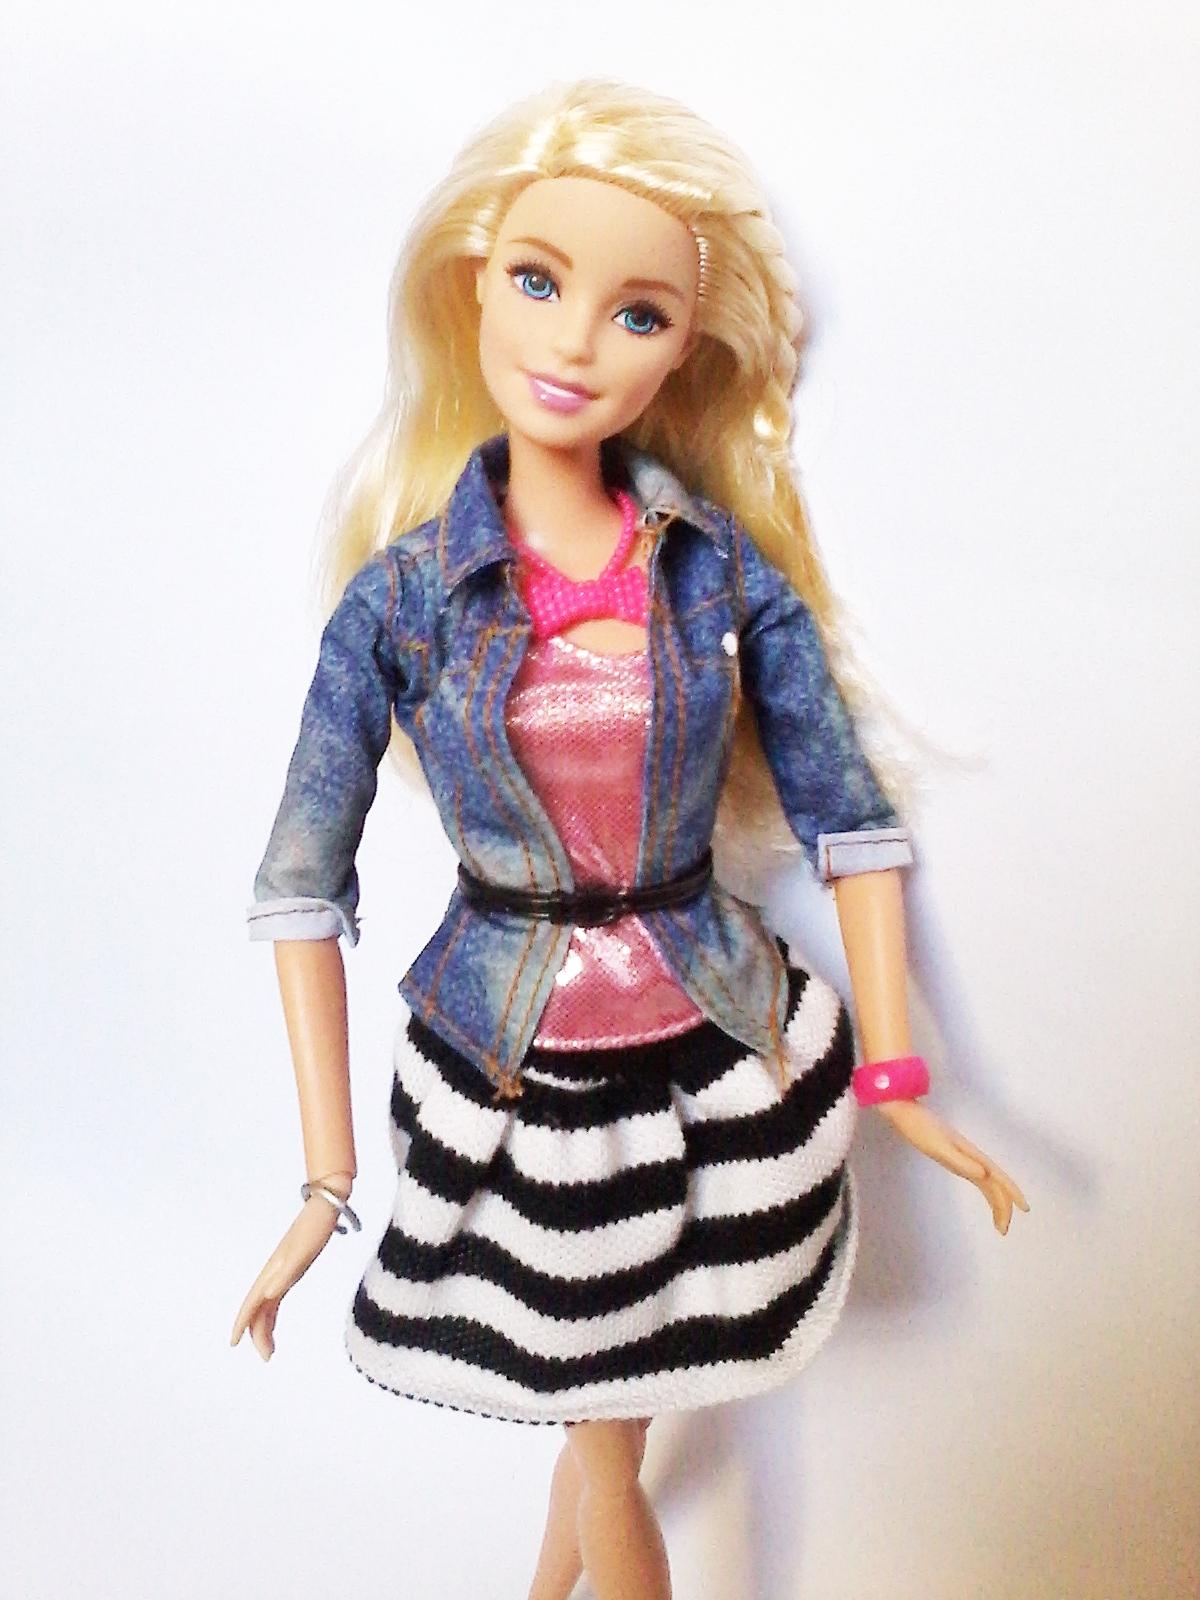 Depois de um longo tempo sem postar sobre aquisições hoje eu venho  #41476B 1200x1600 Banheiro Da Barbie Lojas Americanas